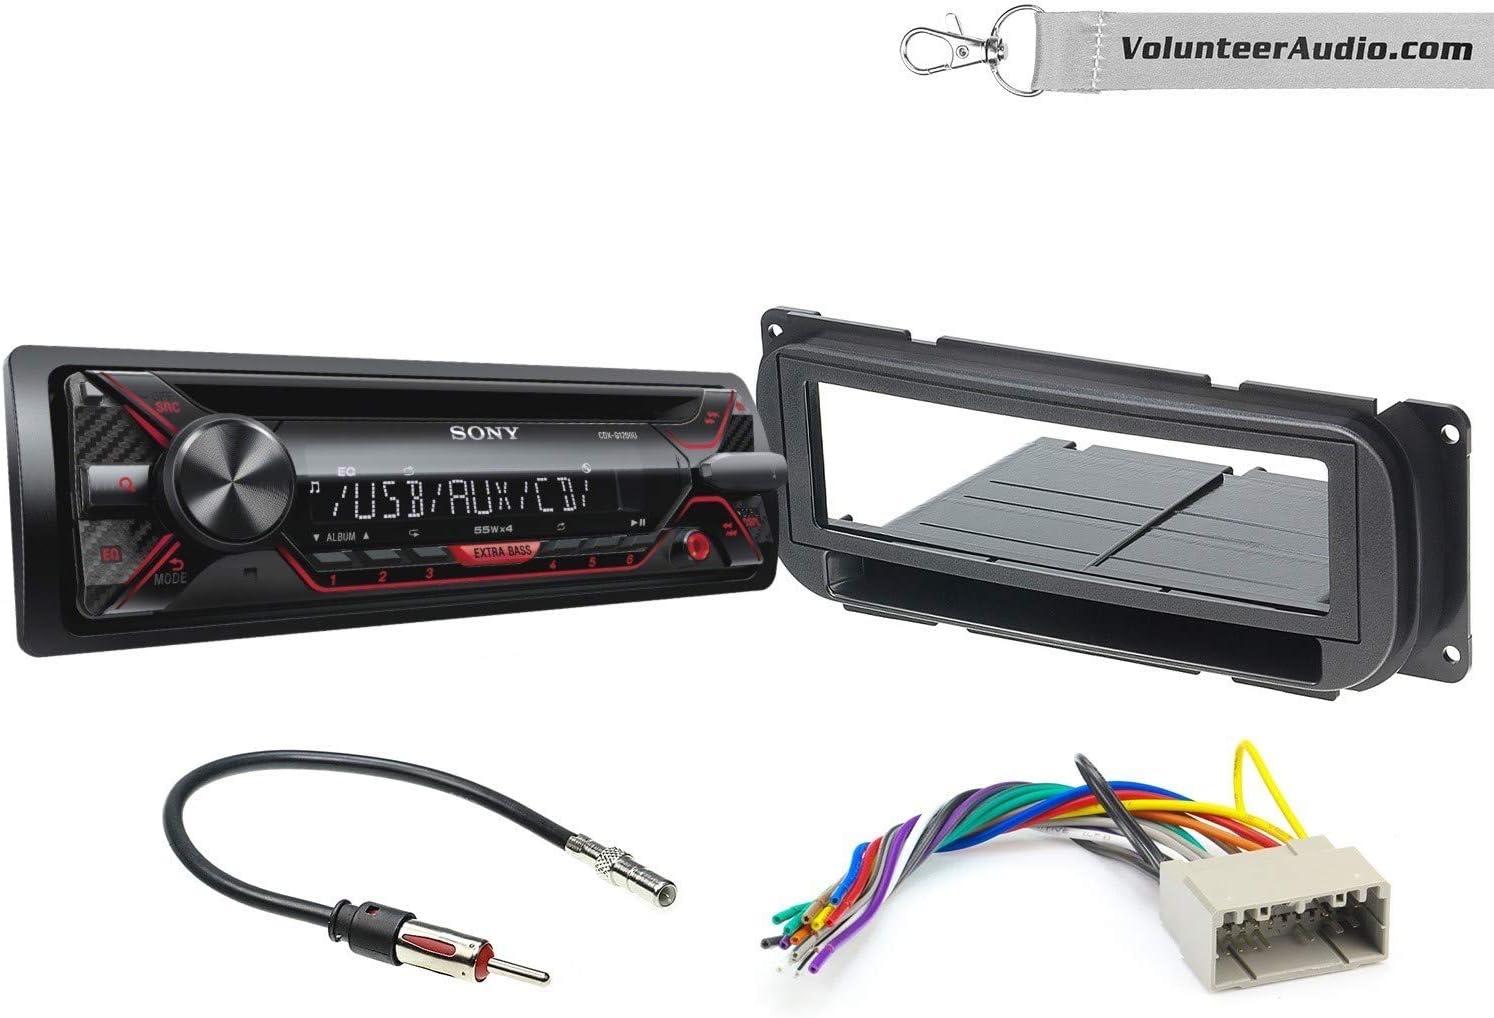 dodge ram stereo wiring sony amazon com sony cdx g1200u single din radio install kit with cd  amazon com sony cdx g1200u single din